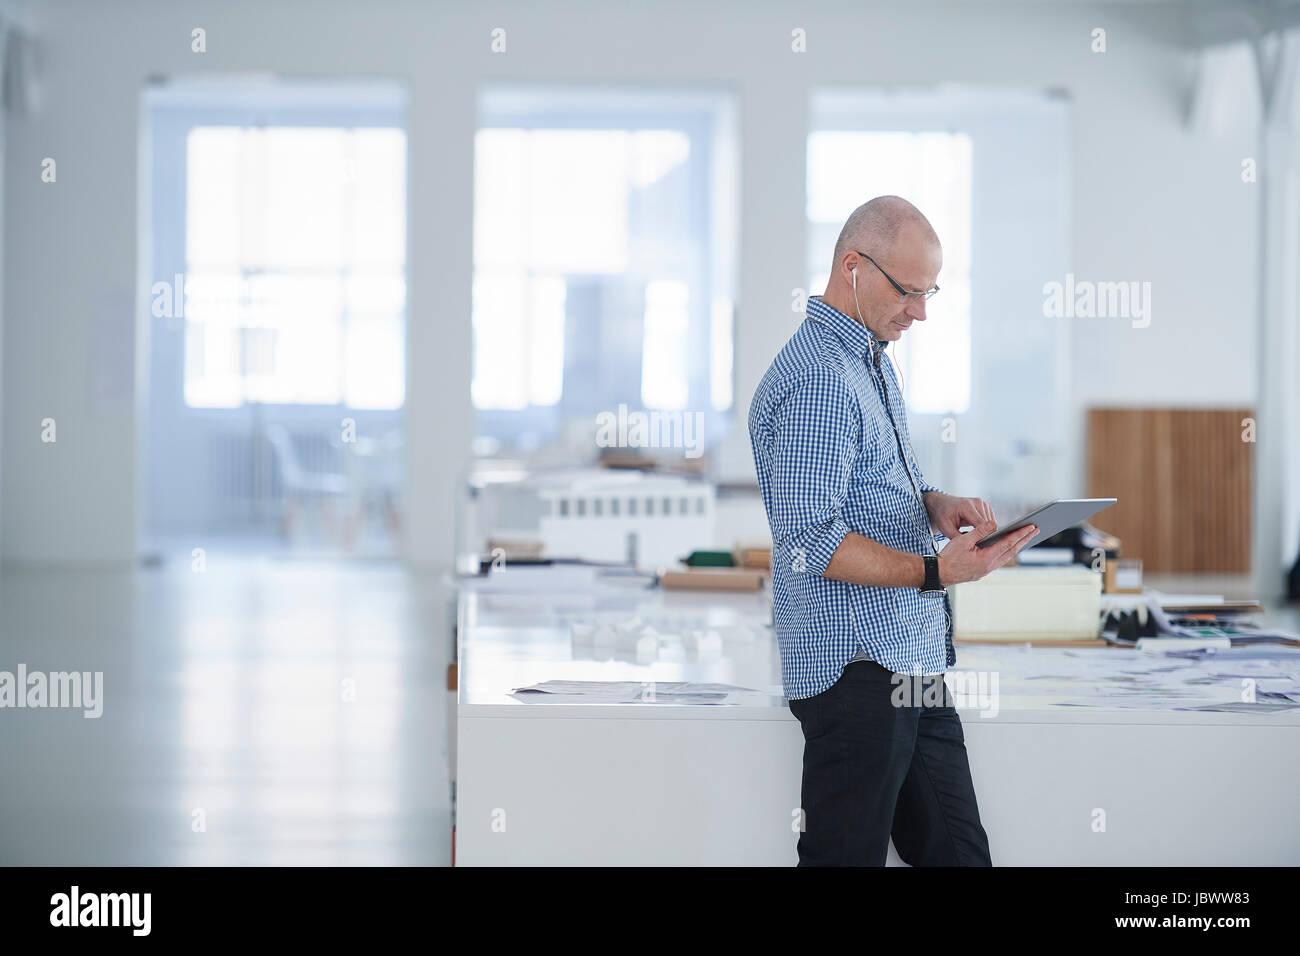 Mann im Großraumbüro mit digital-Tablette Stockbild